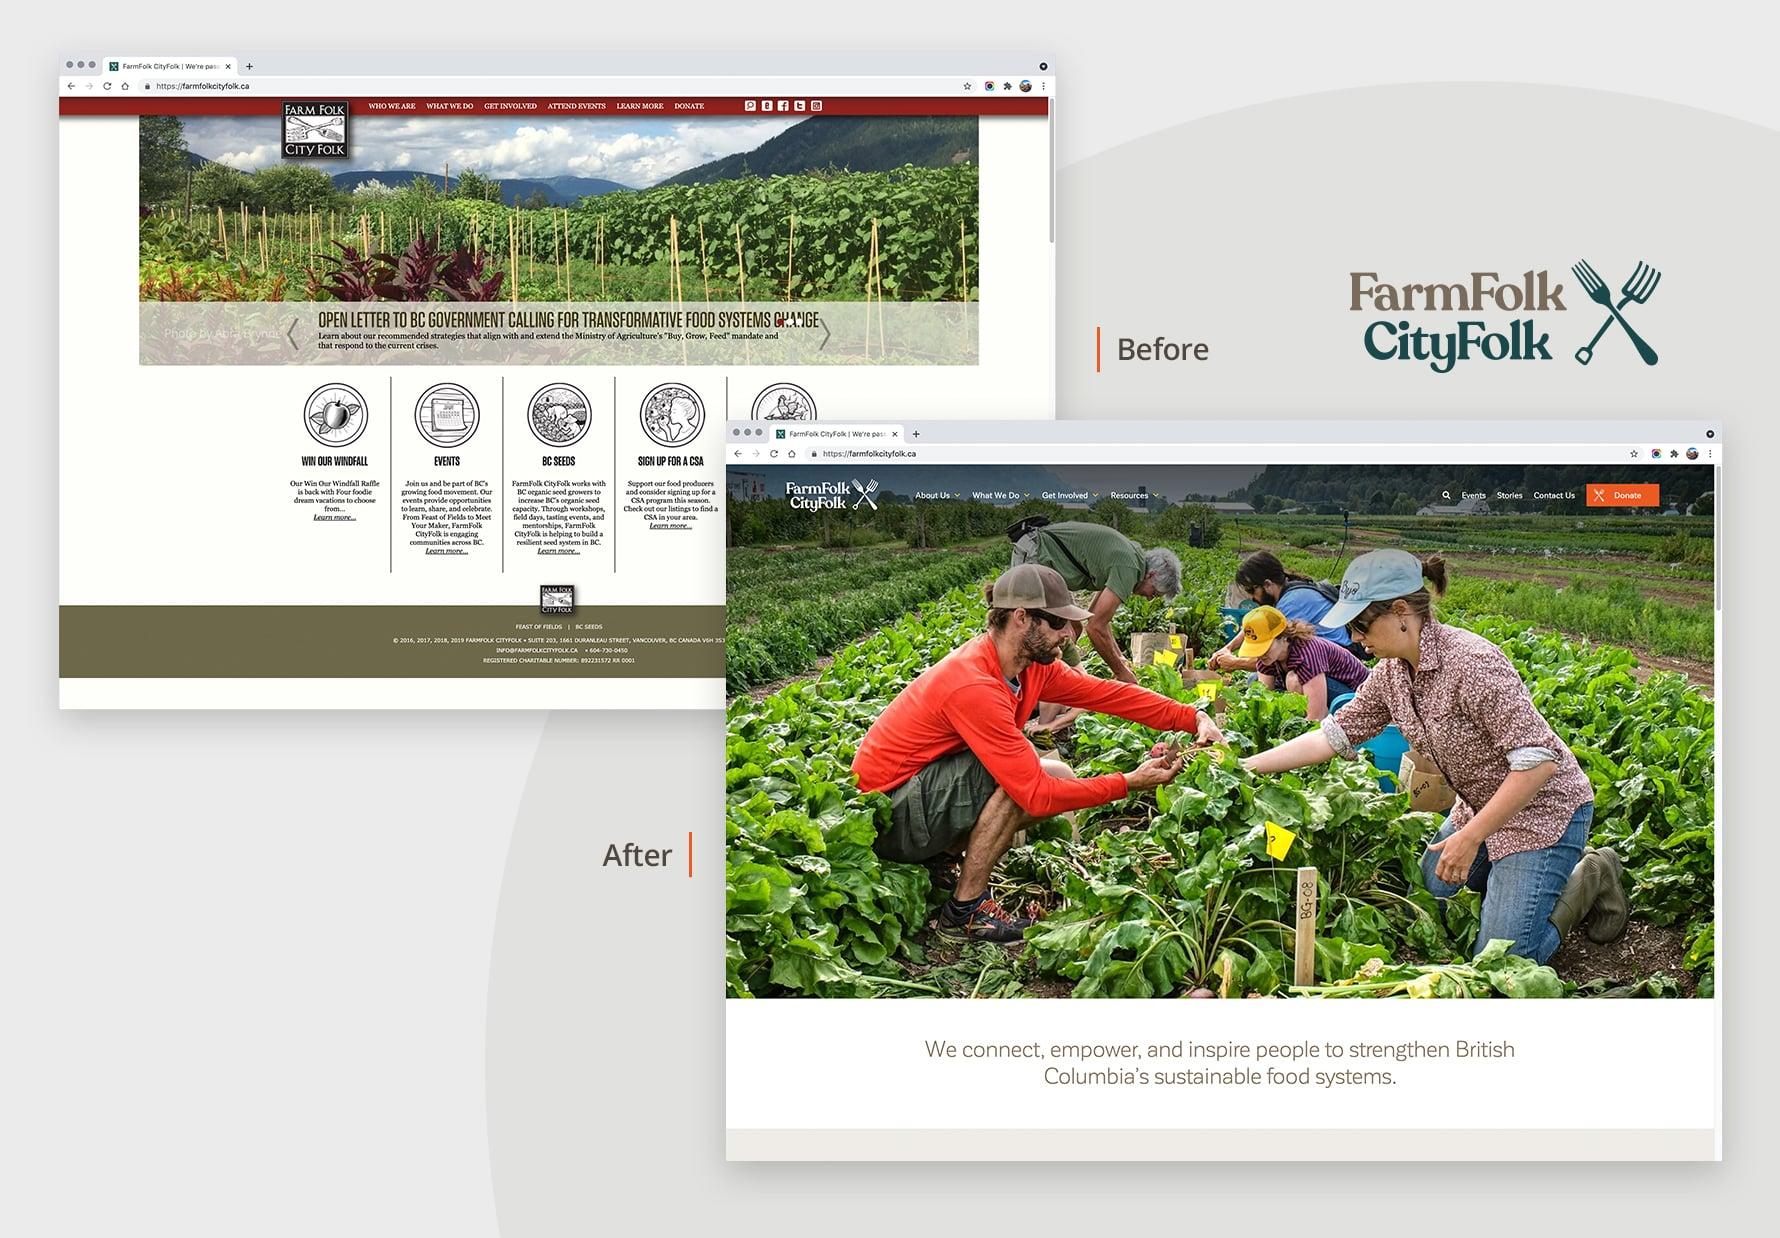 FarmFolk CityFolk websites - before & after